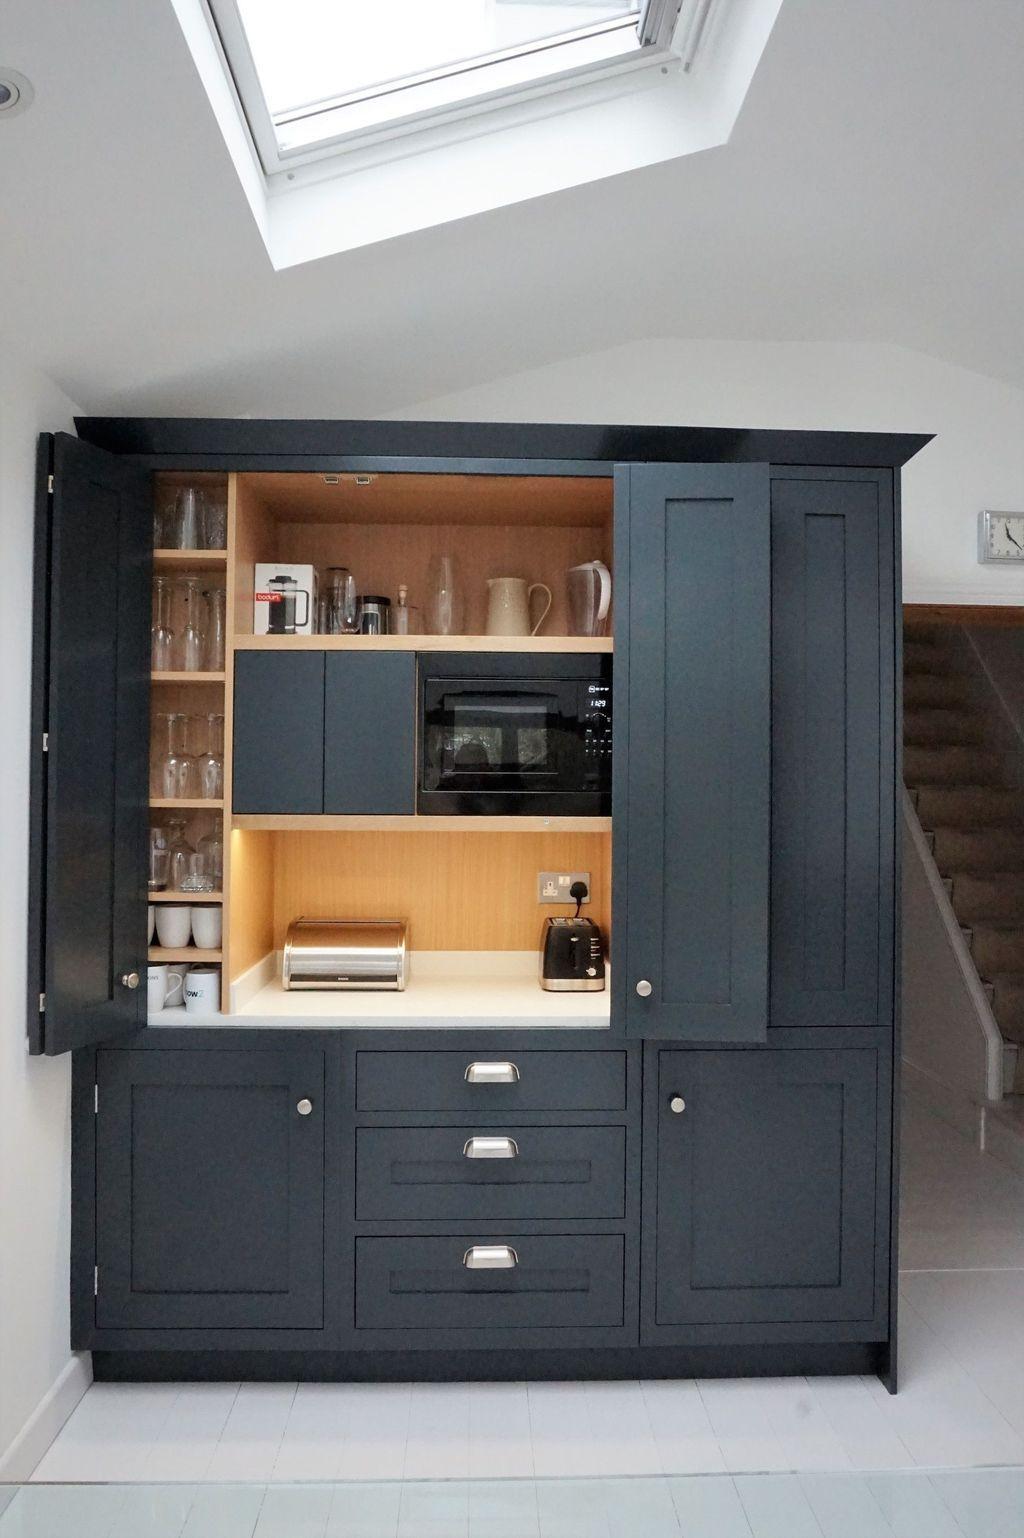 Rangement Petit Dejeuner Cuisine transform your kitchen to enhance your pantry area